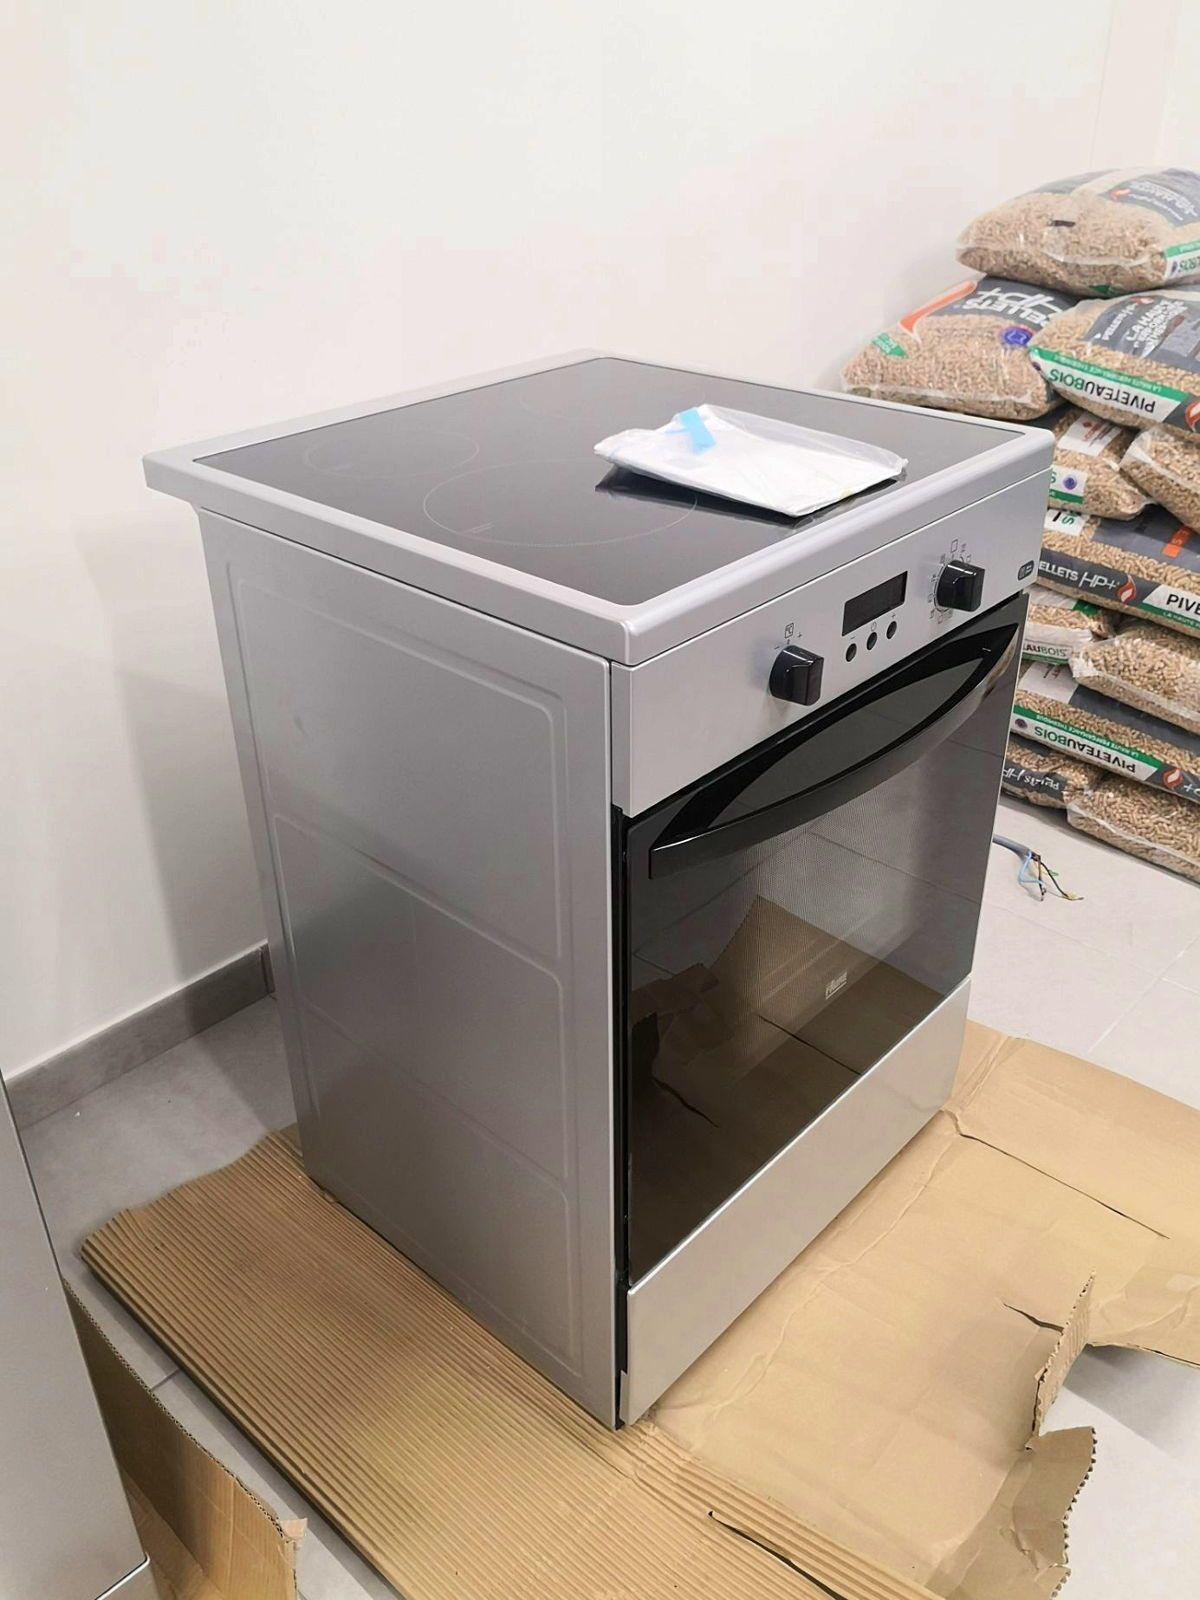 Vends cuisinière à induction avec pyrolyse presque neuve